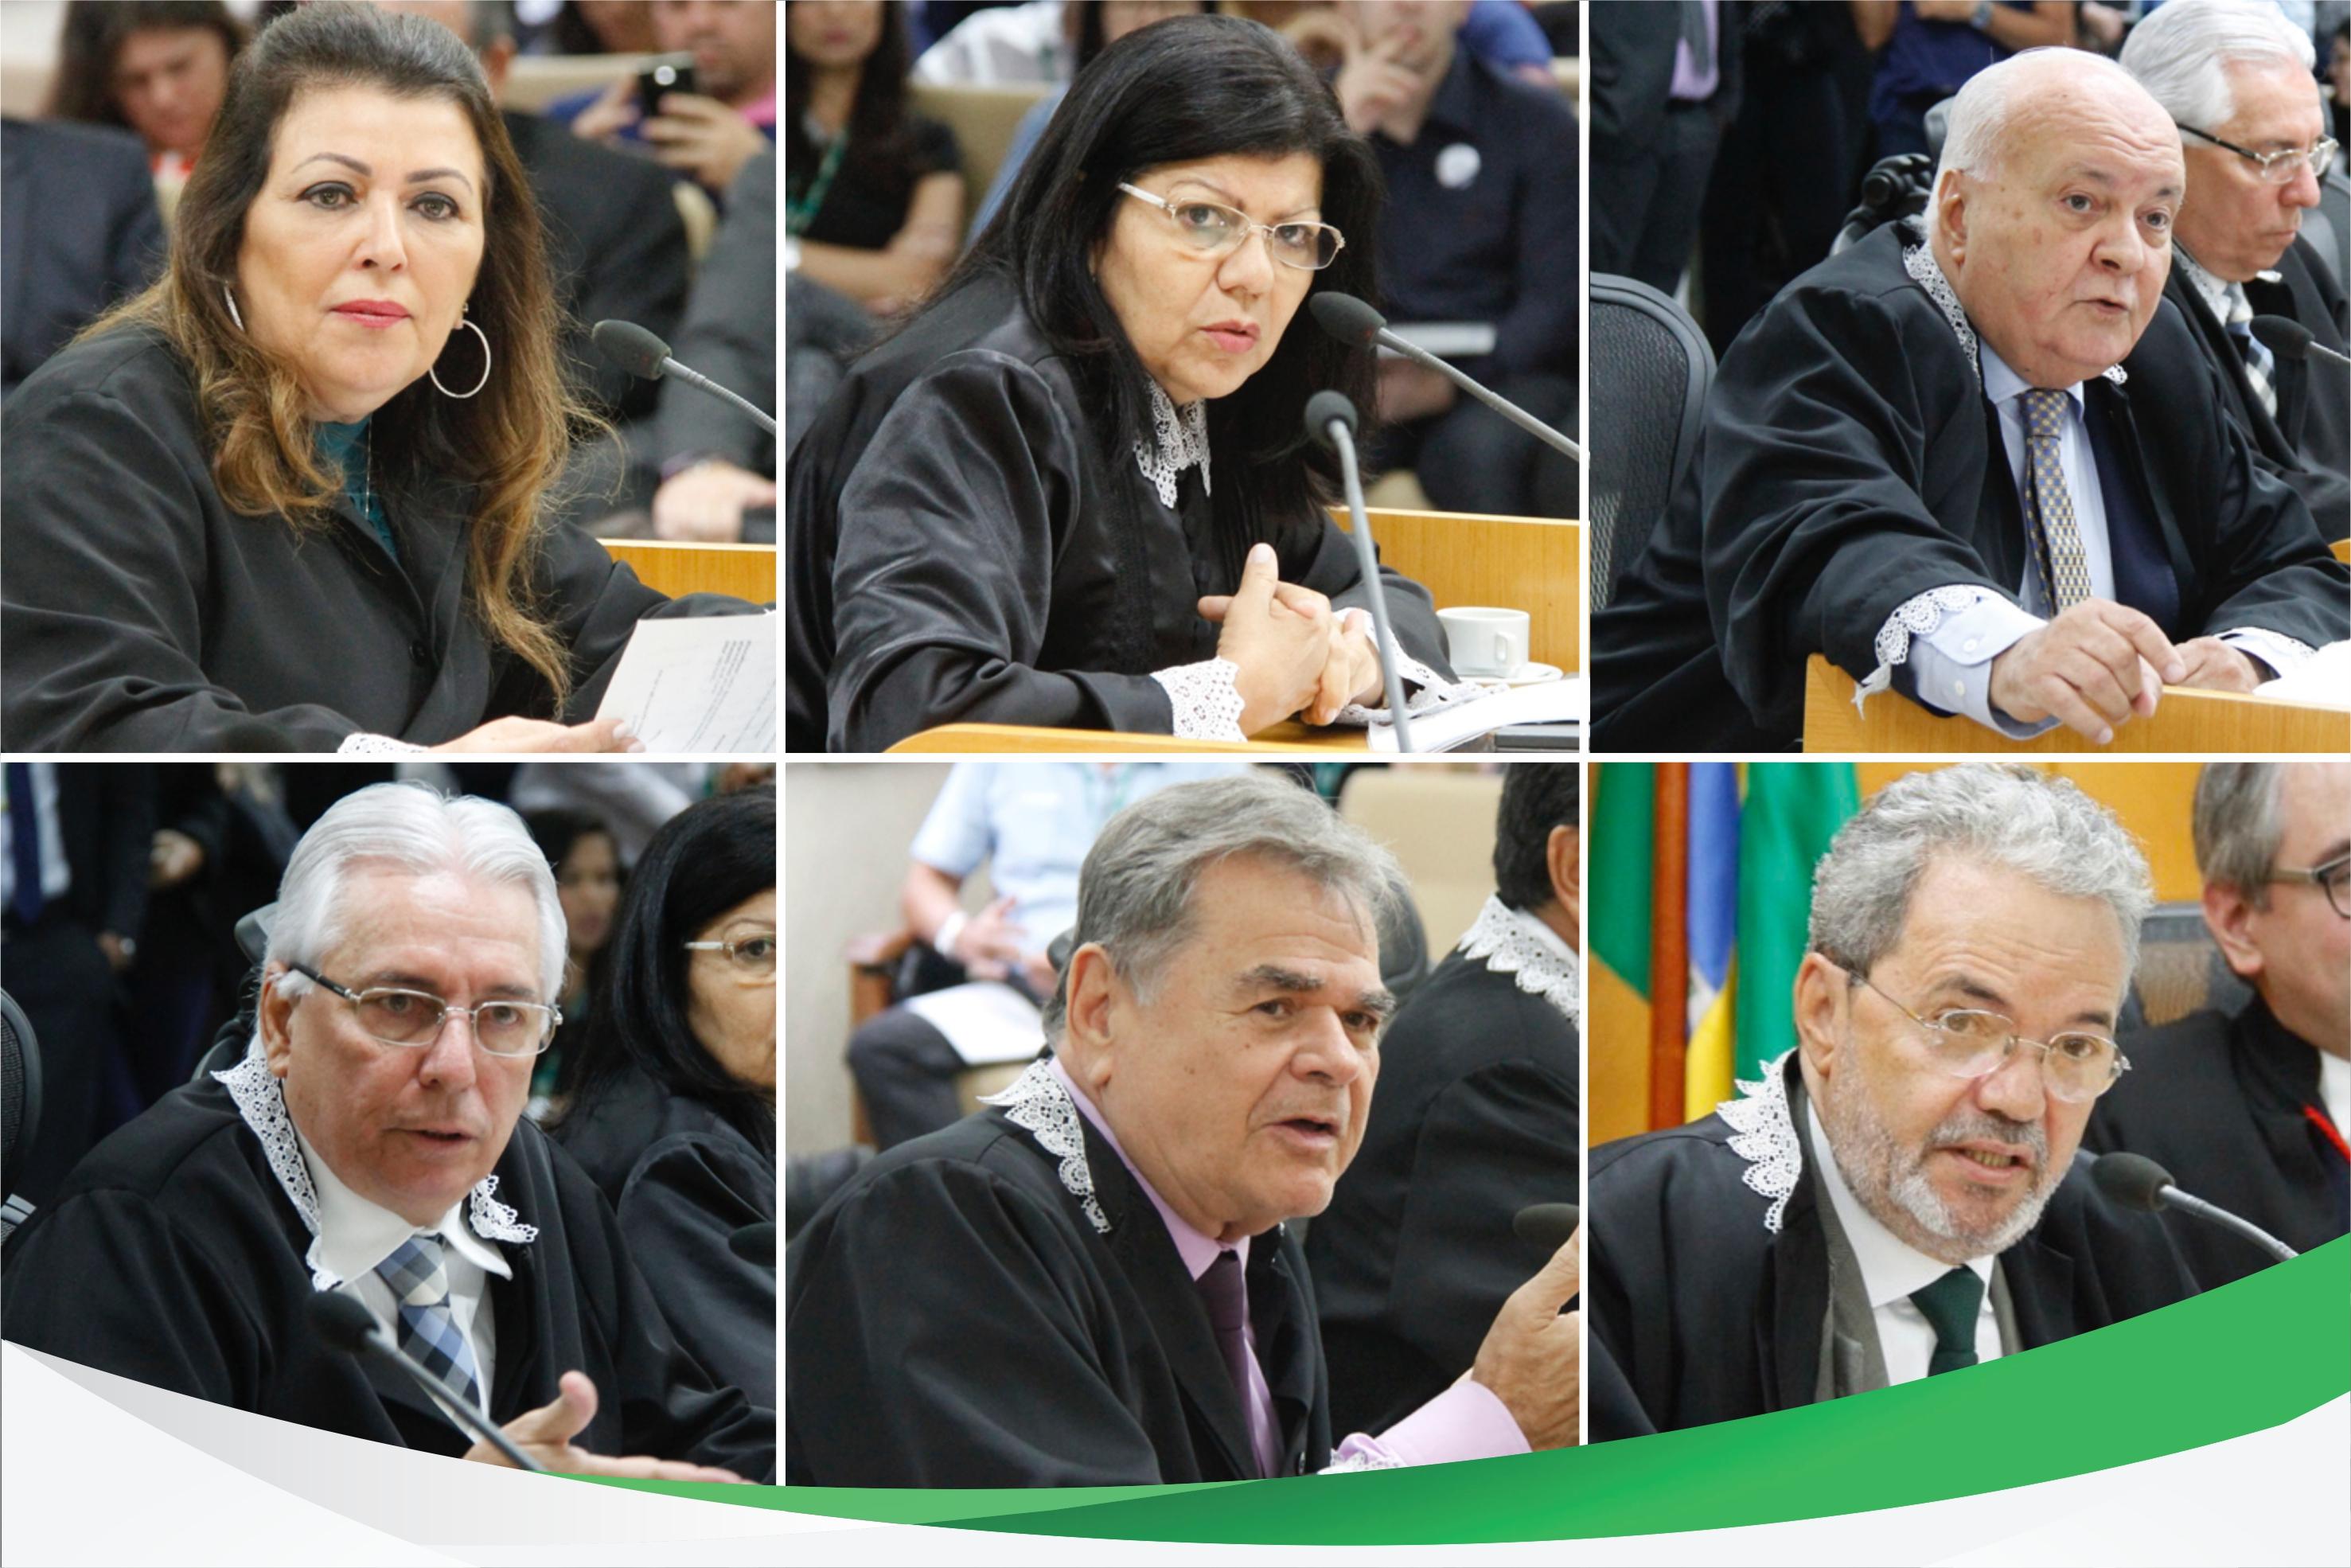 Sessões das Câmaras do Tribunal de Contas terão novas composições